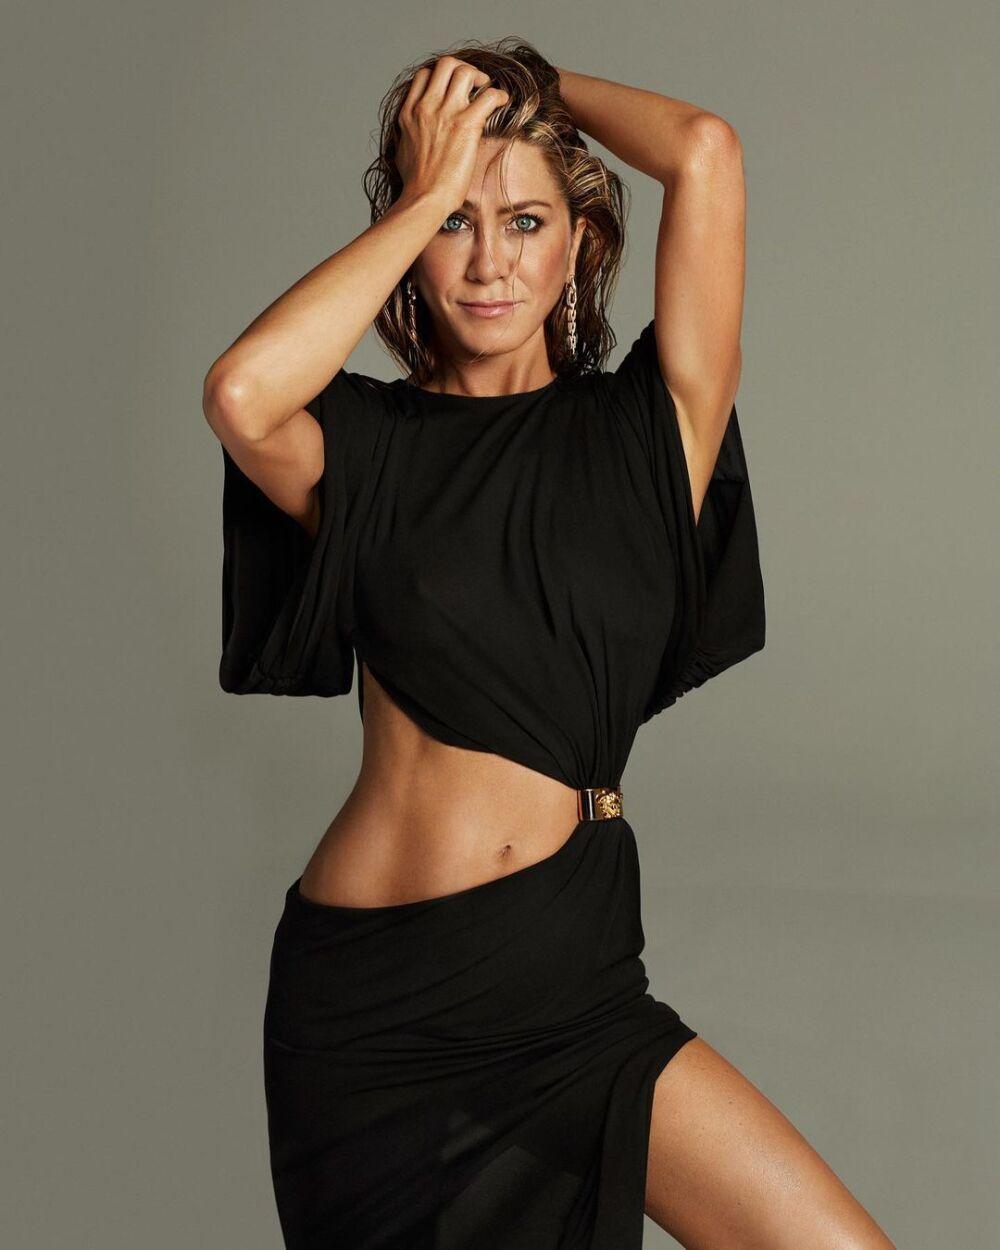 Jennifer Aniston, actriz estadounidense de cine y televisión.